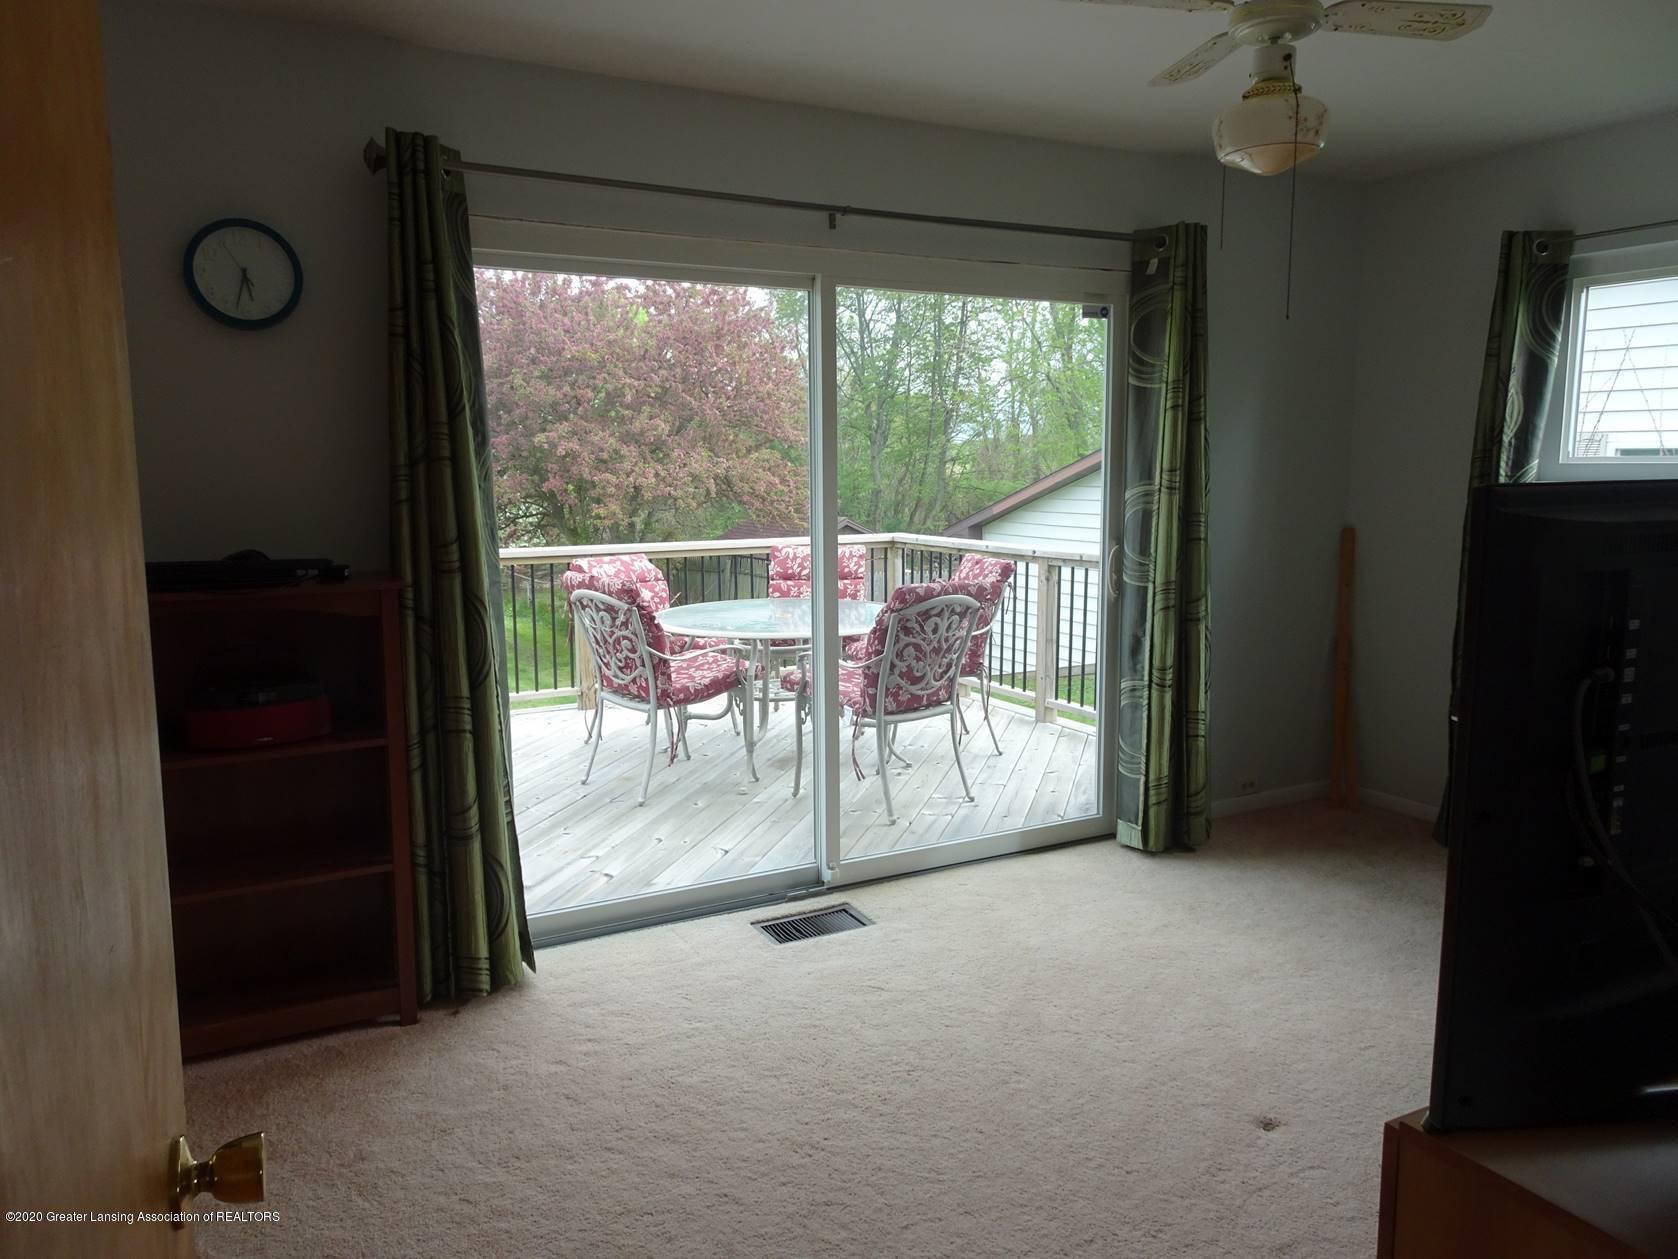 5354 N Michigan Rd - Living Room - 3